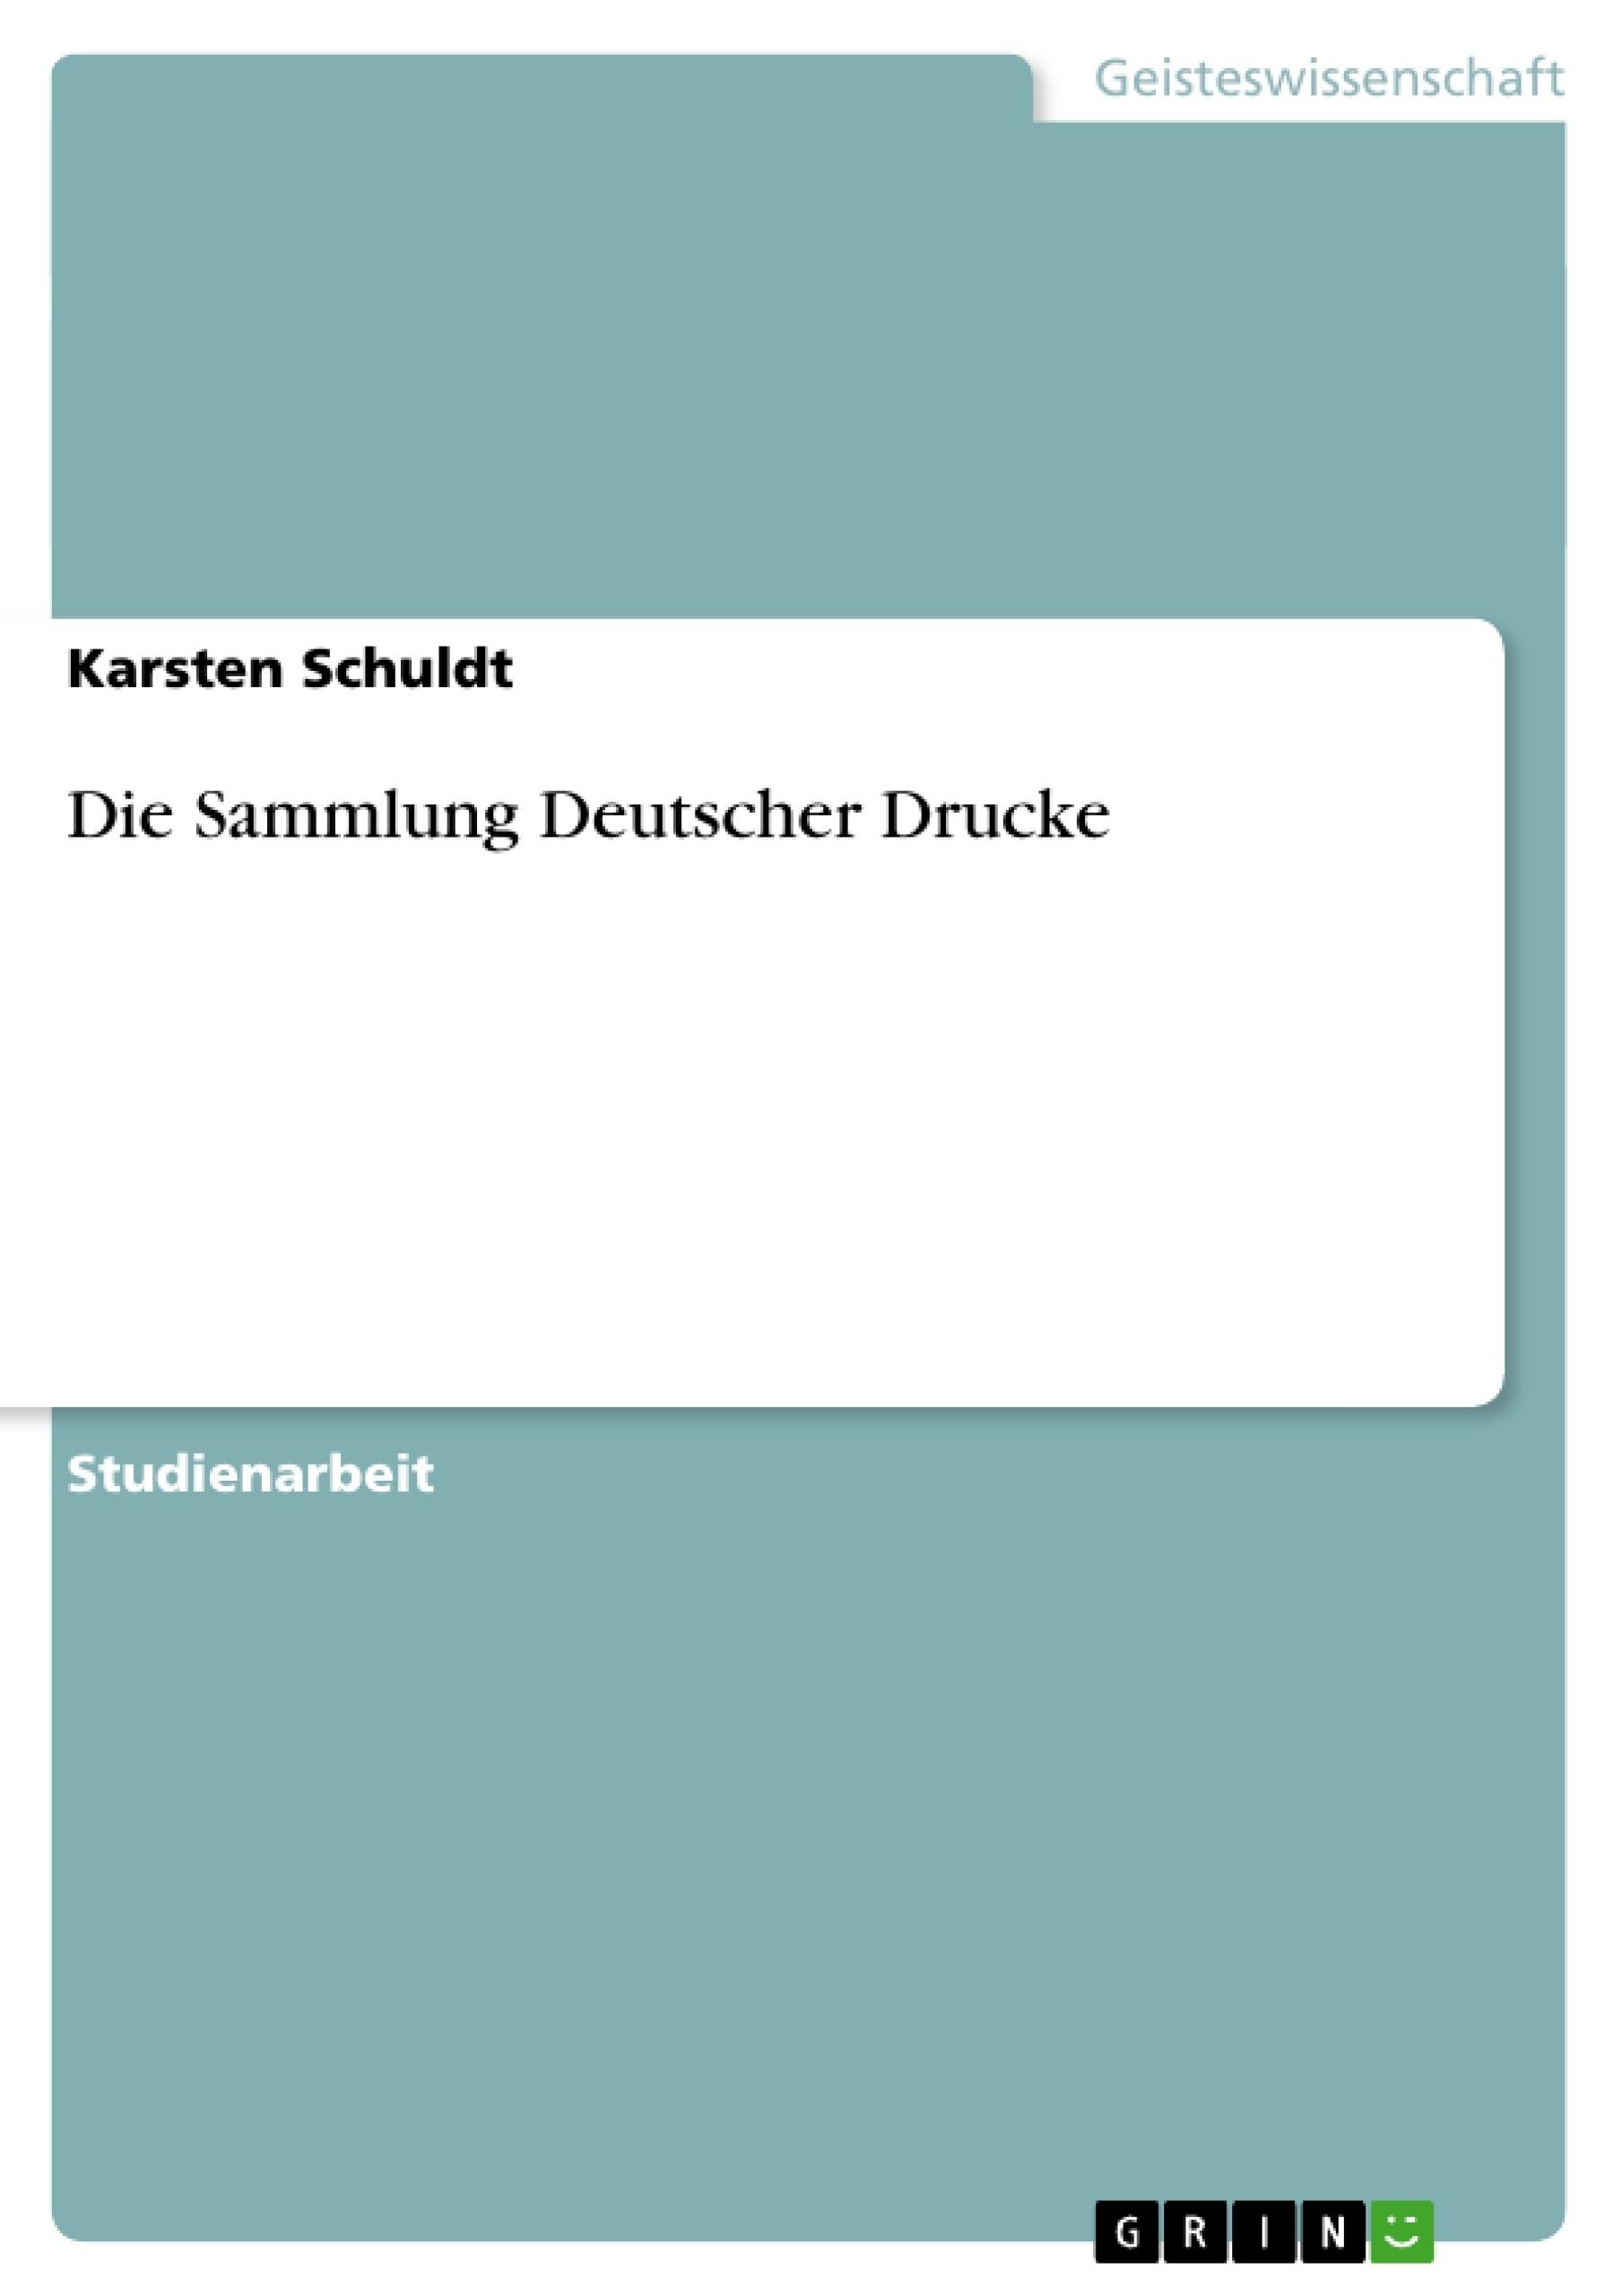 Titel: Die Sammlung Deutscher Drucke